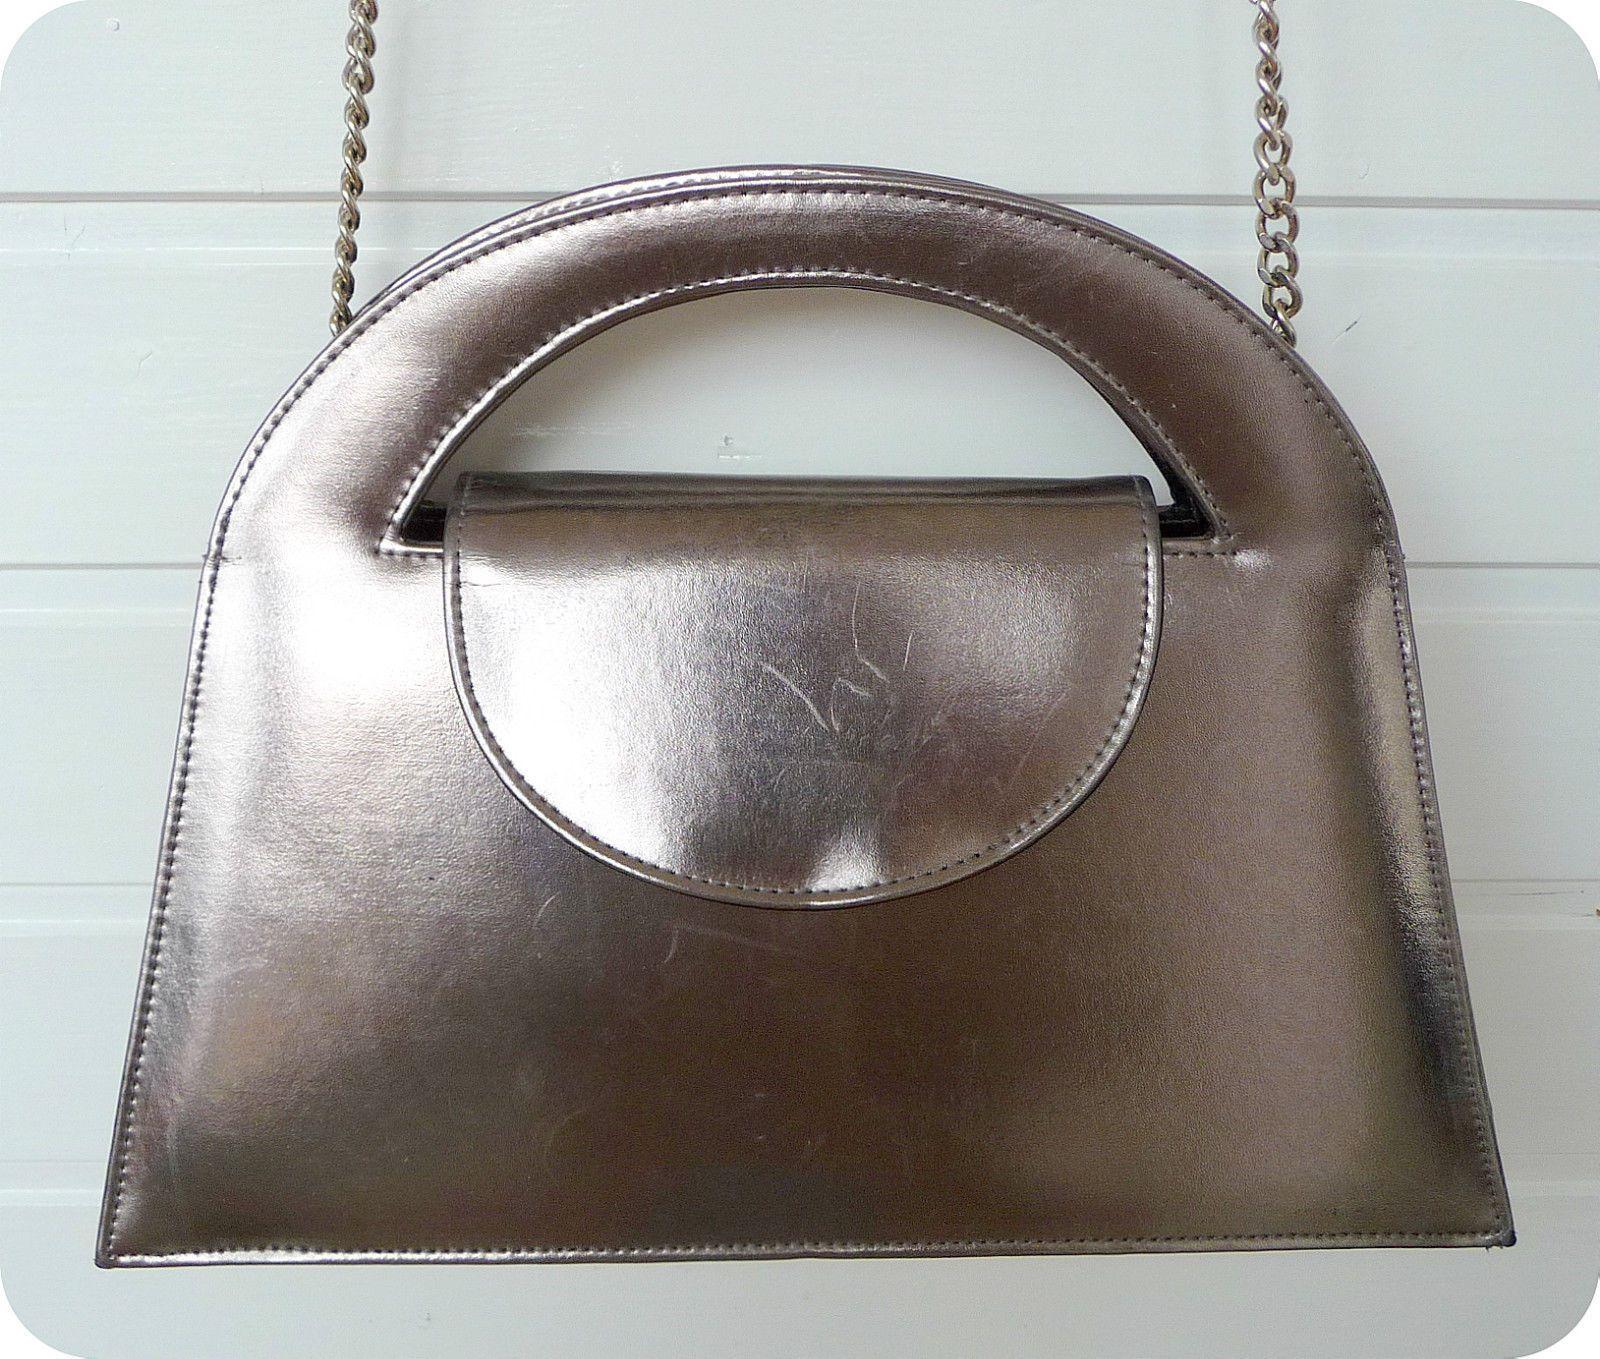 Vintage Abro Unikat Tasche 80er Bag Schultertasche Handtasche